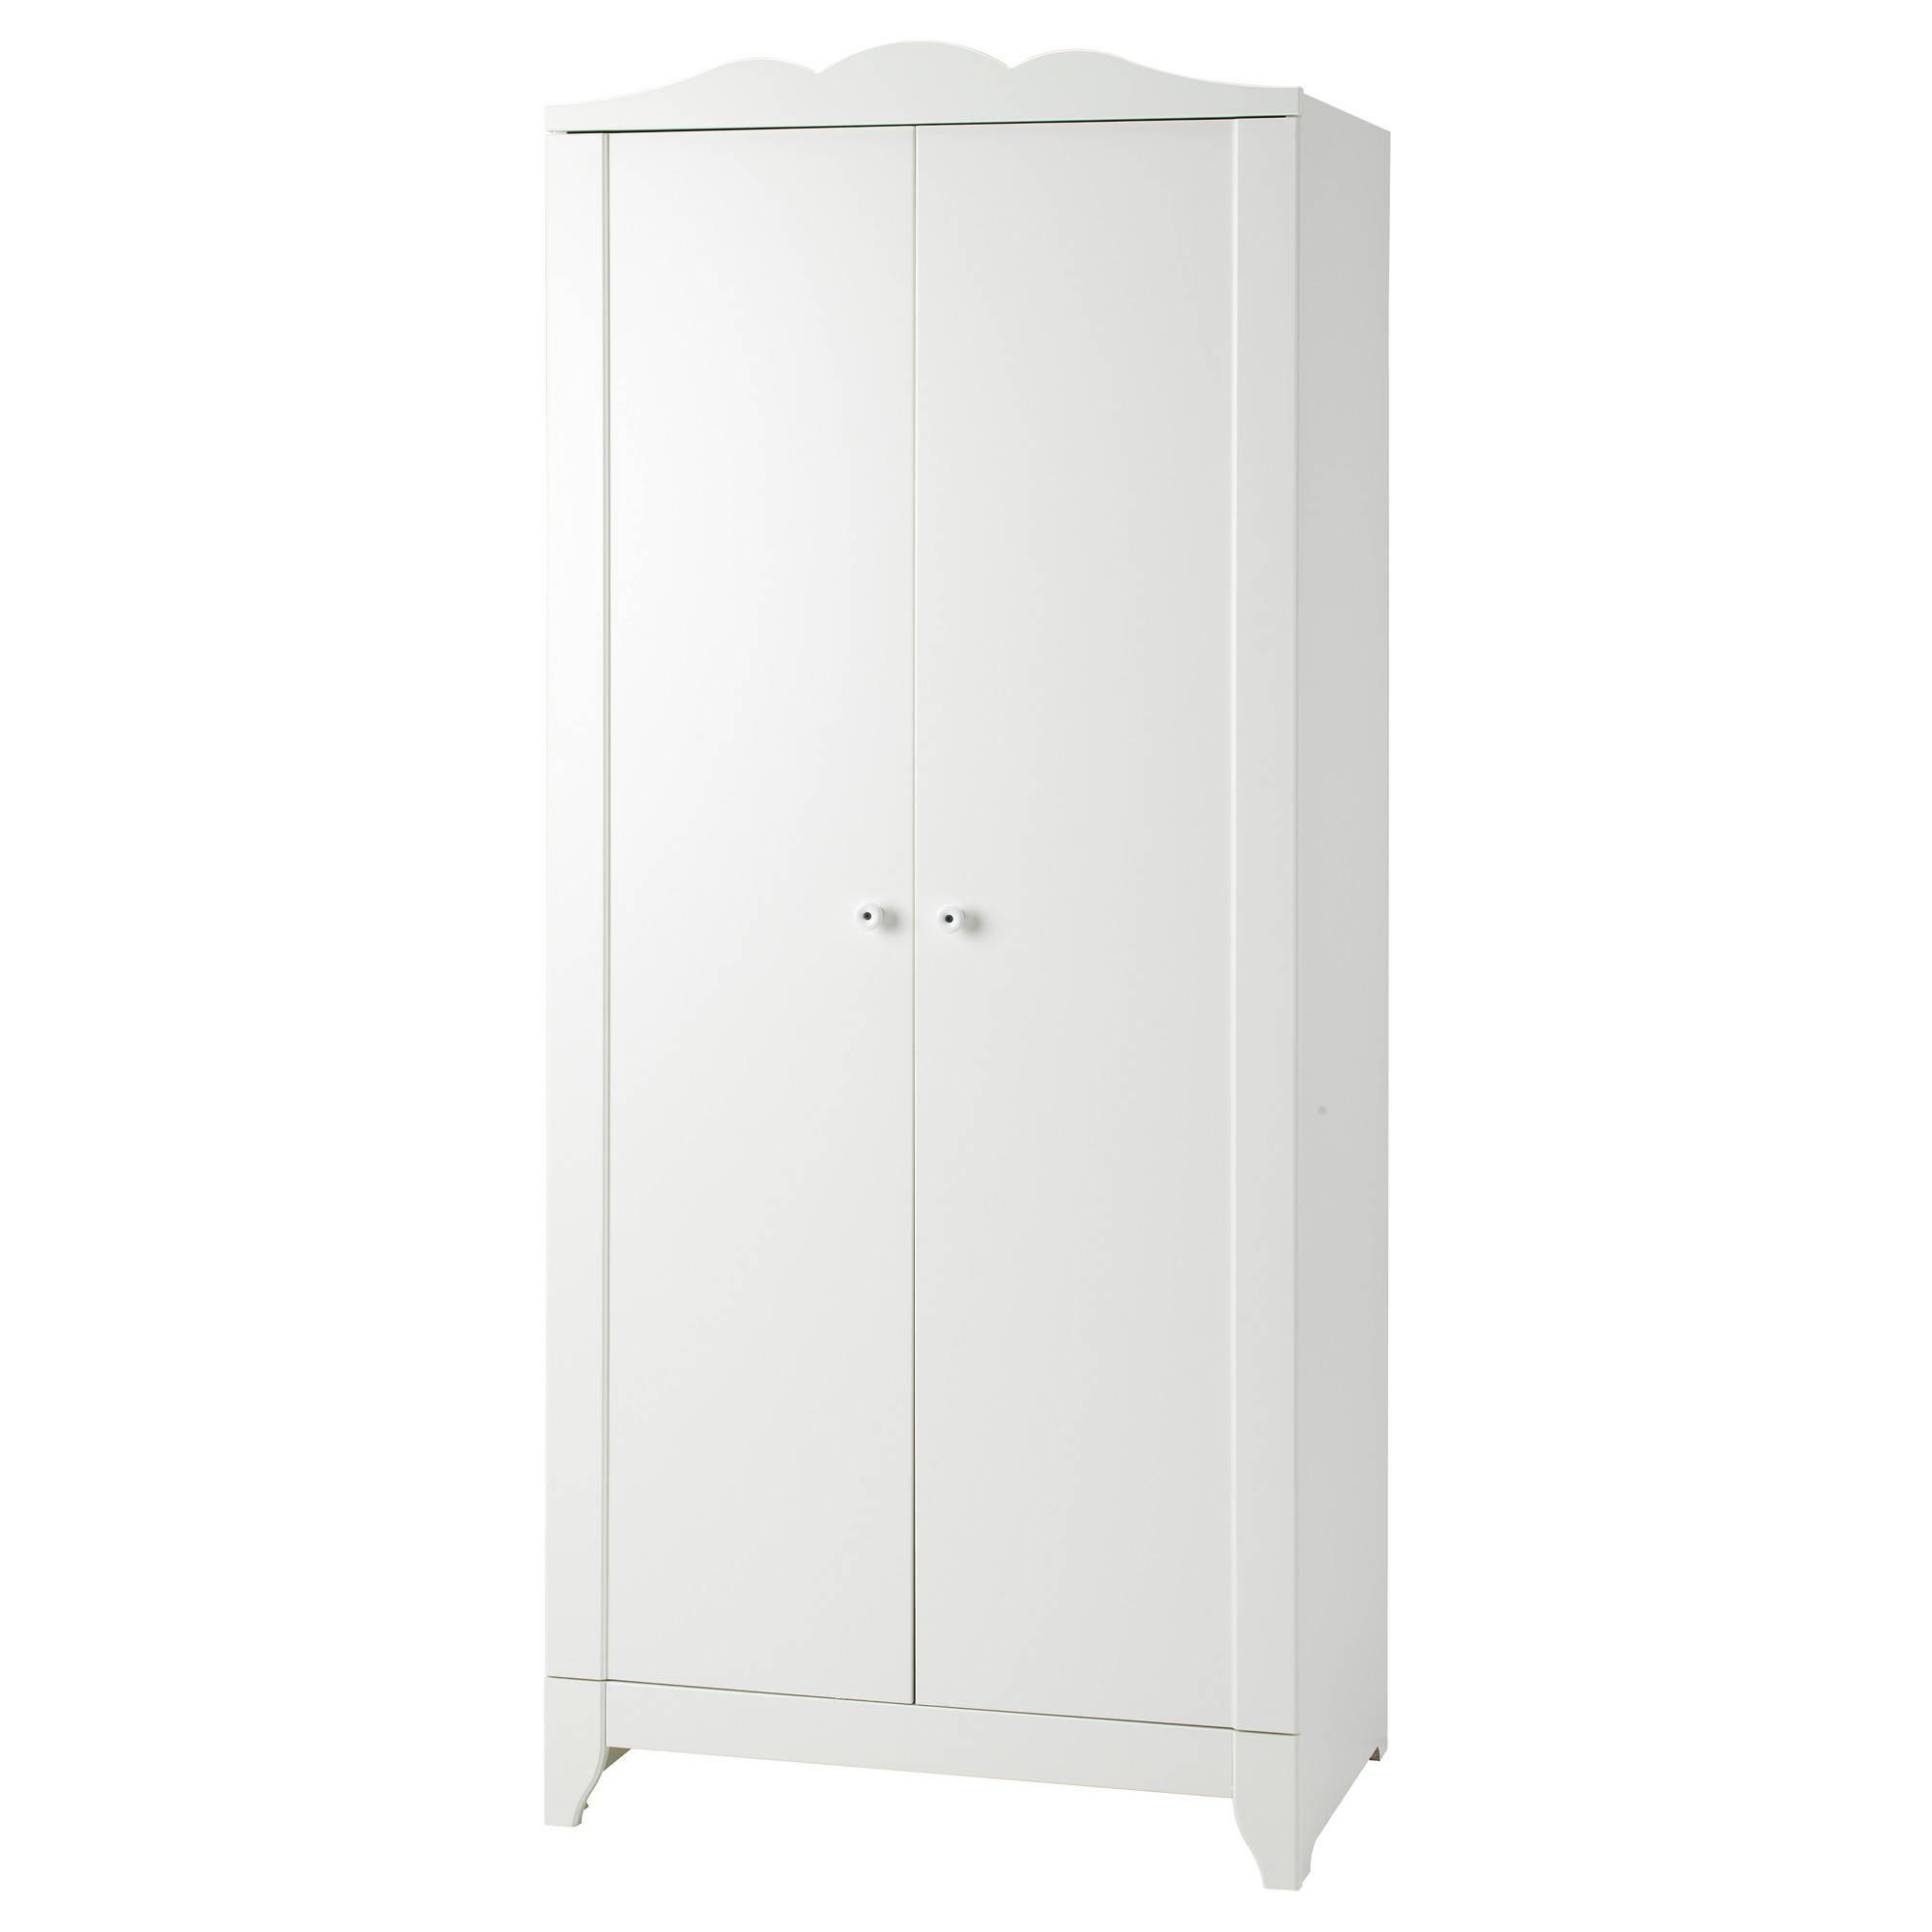 Children's Wardrobes - Nursery Wardrobes - Ikea for Childrens Wardrobes White (Image 4 of 15)